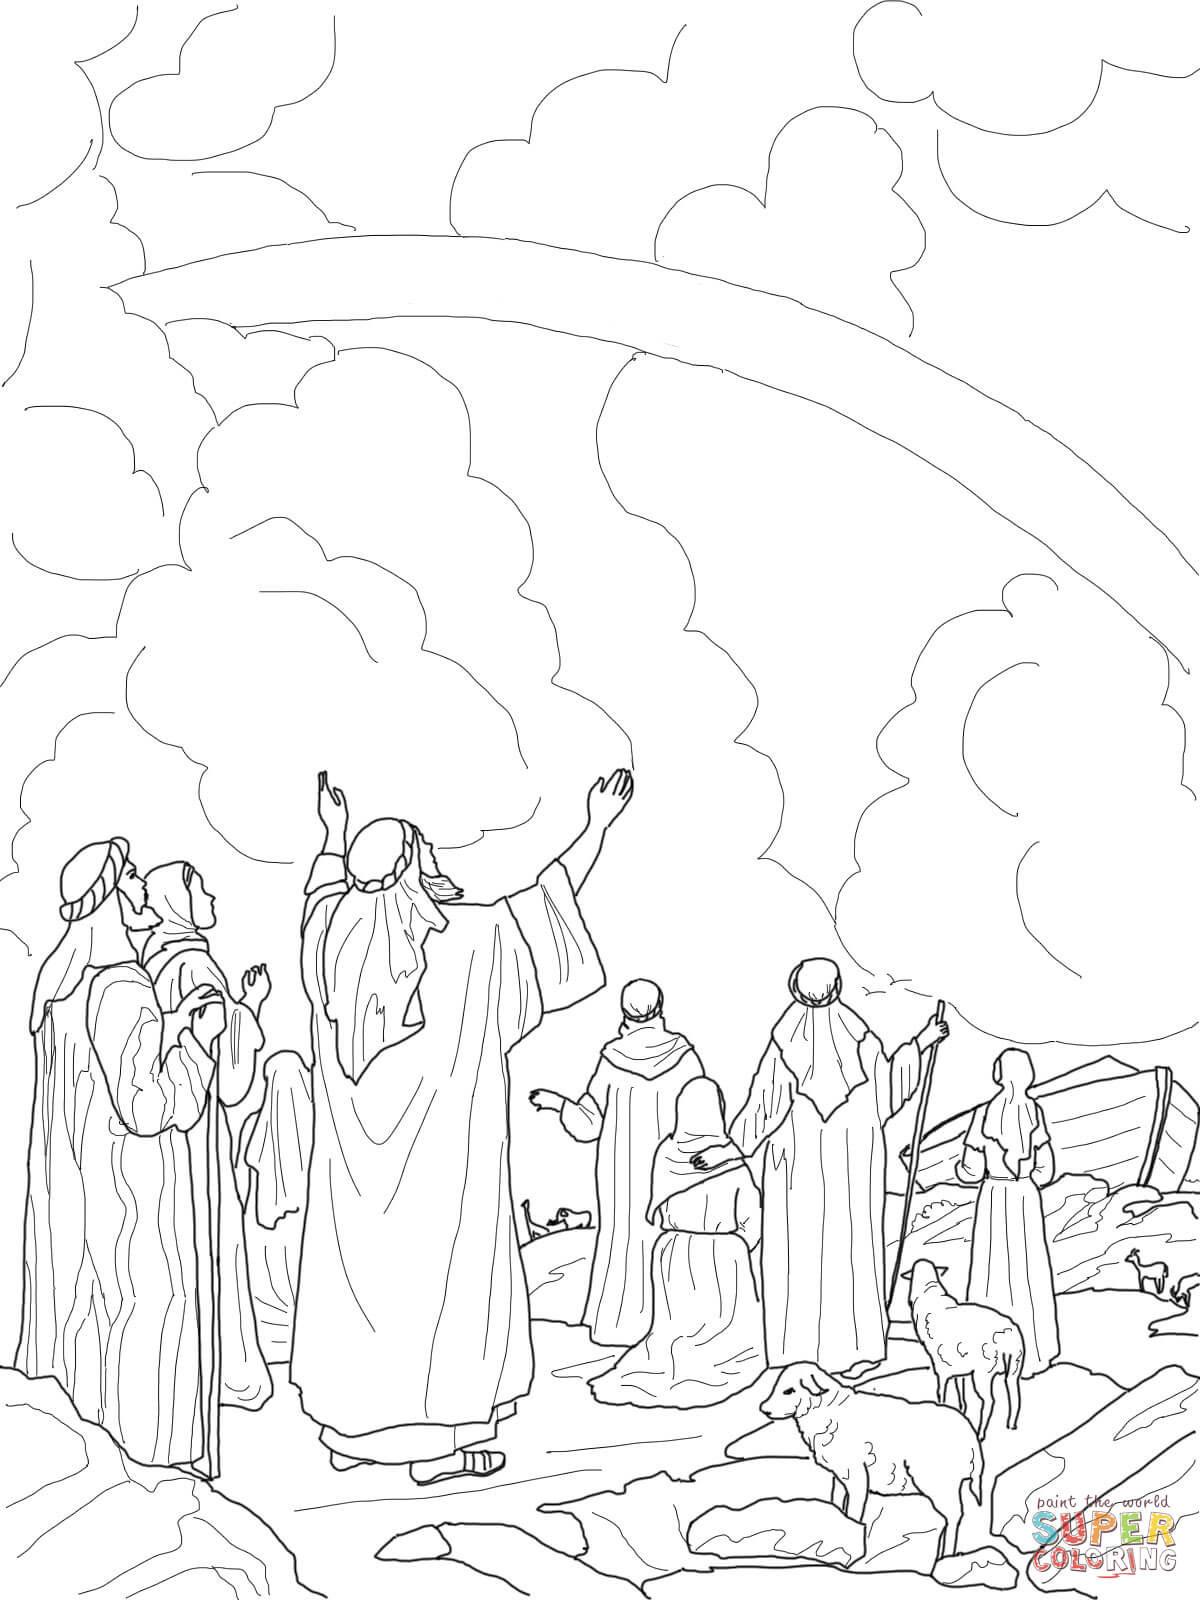 Arche Noah Regenbogen Ausmalbild Einzigartig 35 Ausmalbilder Affen Scoredatscore Neu Arche Noah Ausmalbilder Das Bild